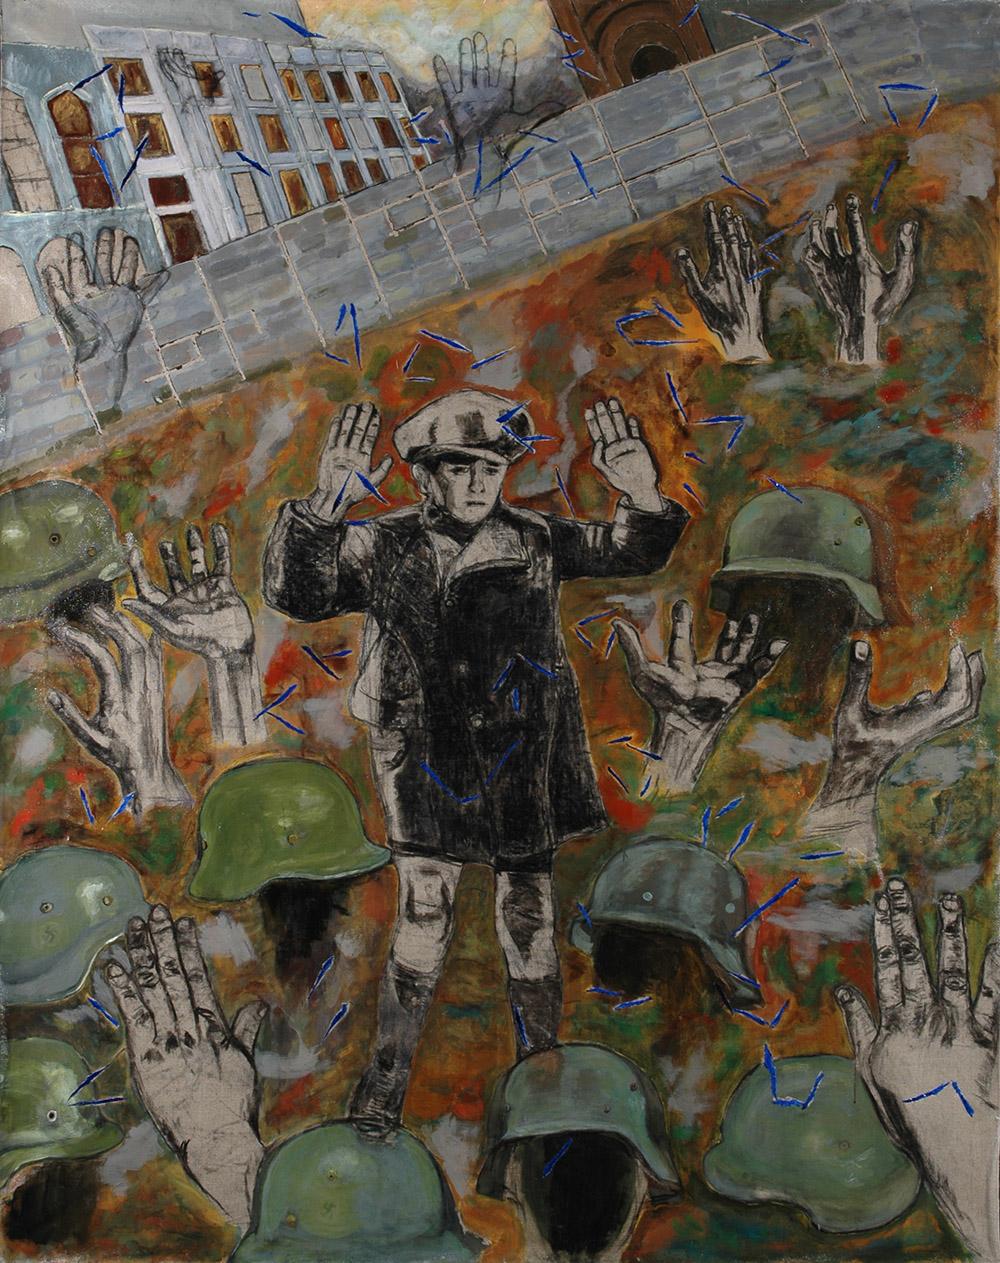 Warsaw Ghetto Uprising: Victoire d'Une Defaite, 2009